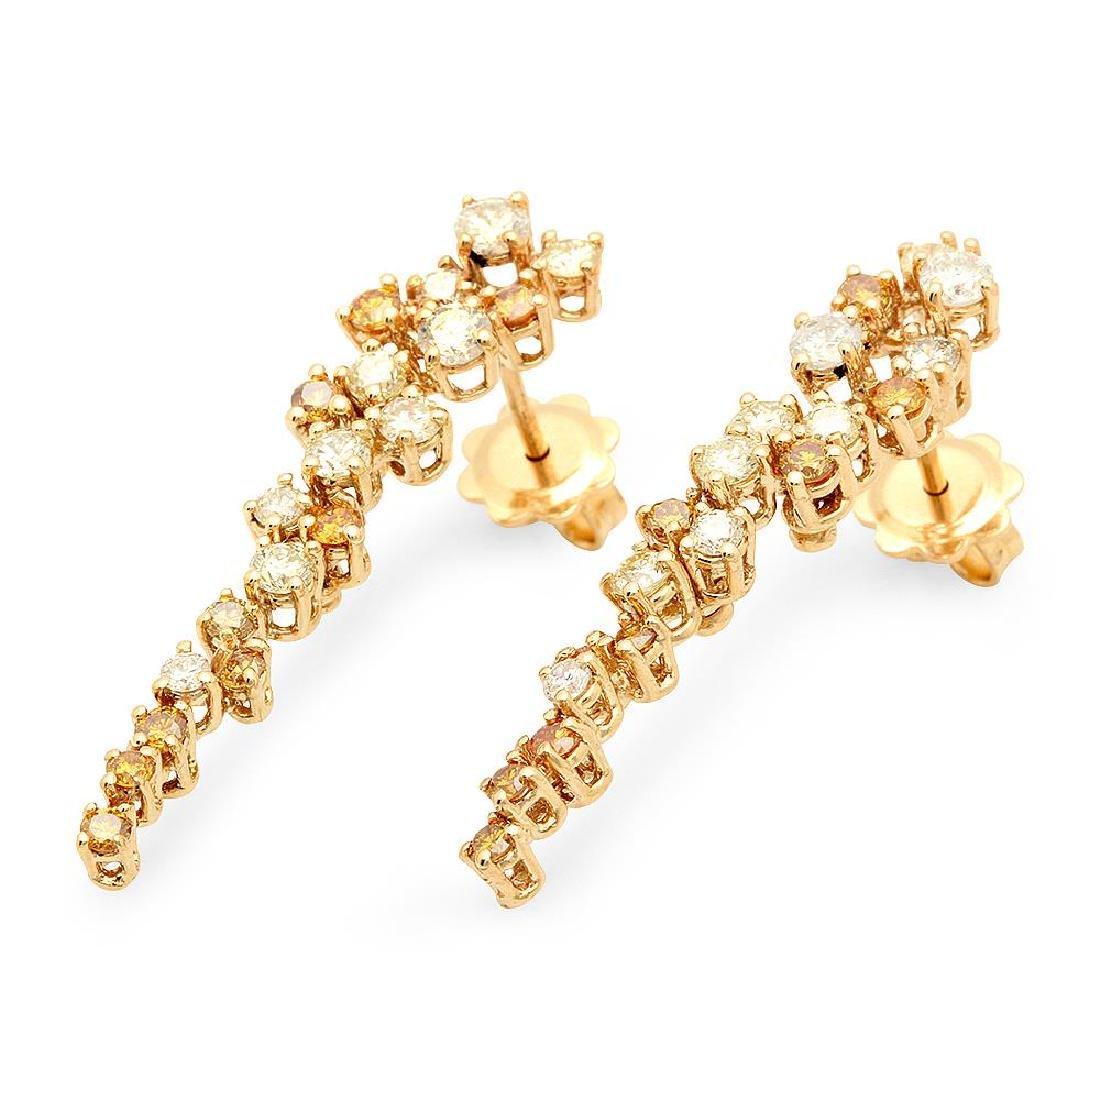 14K Gold 2.20cts Diamond Earrings - 2